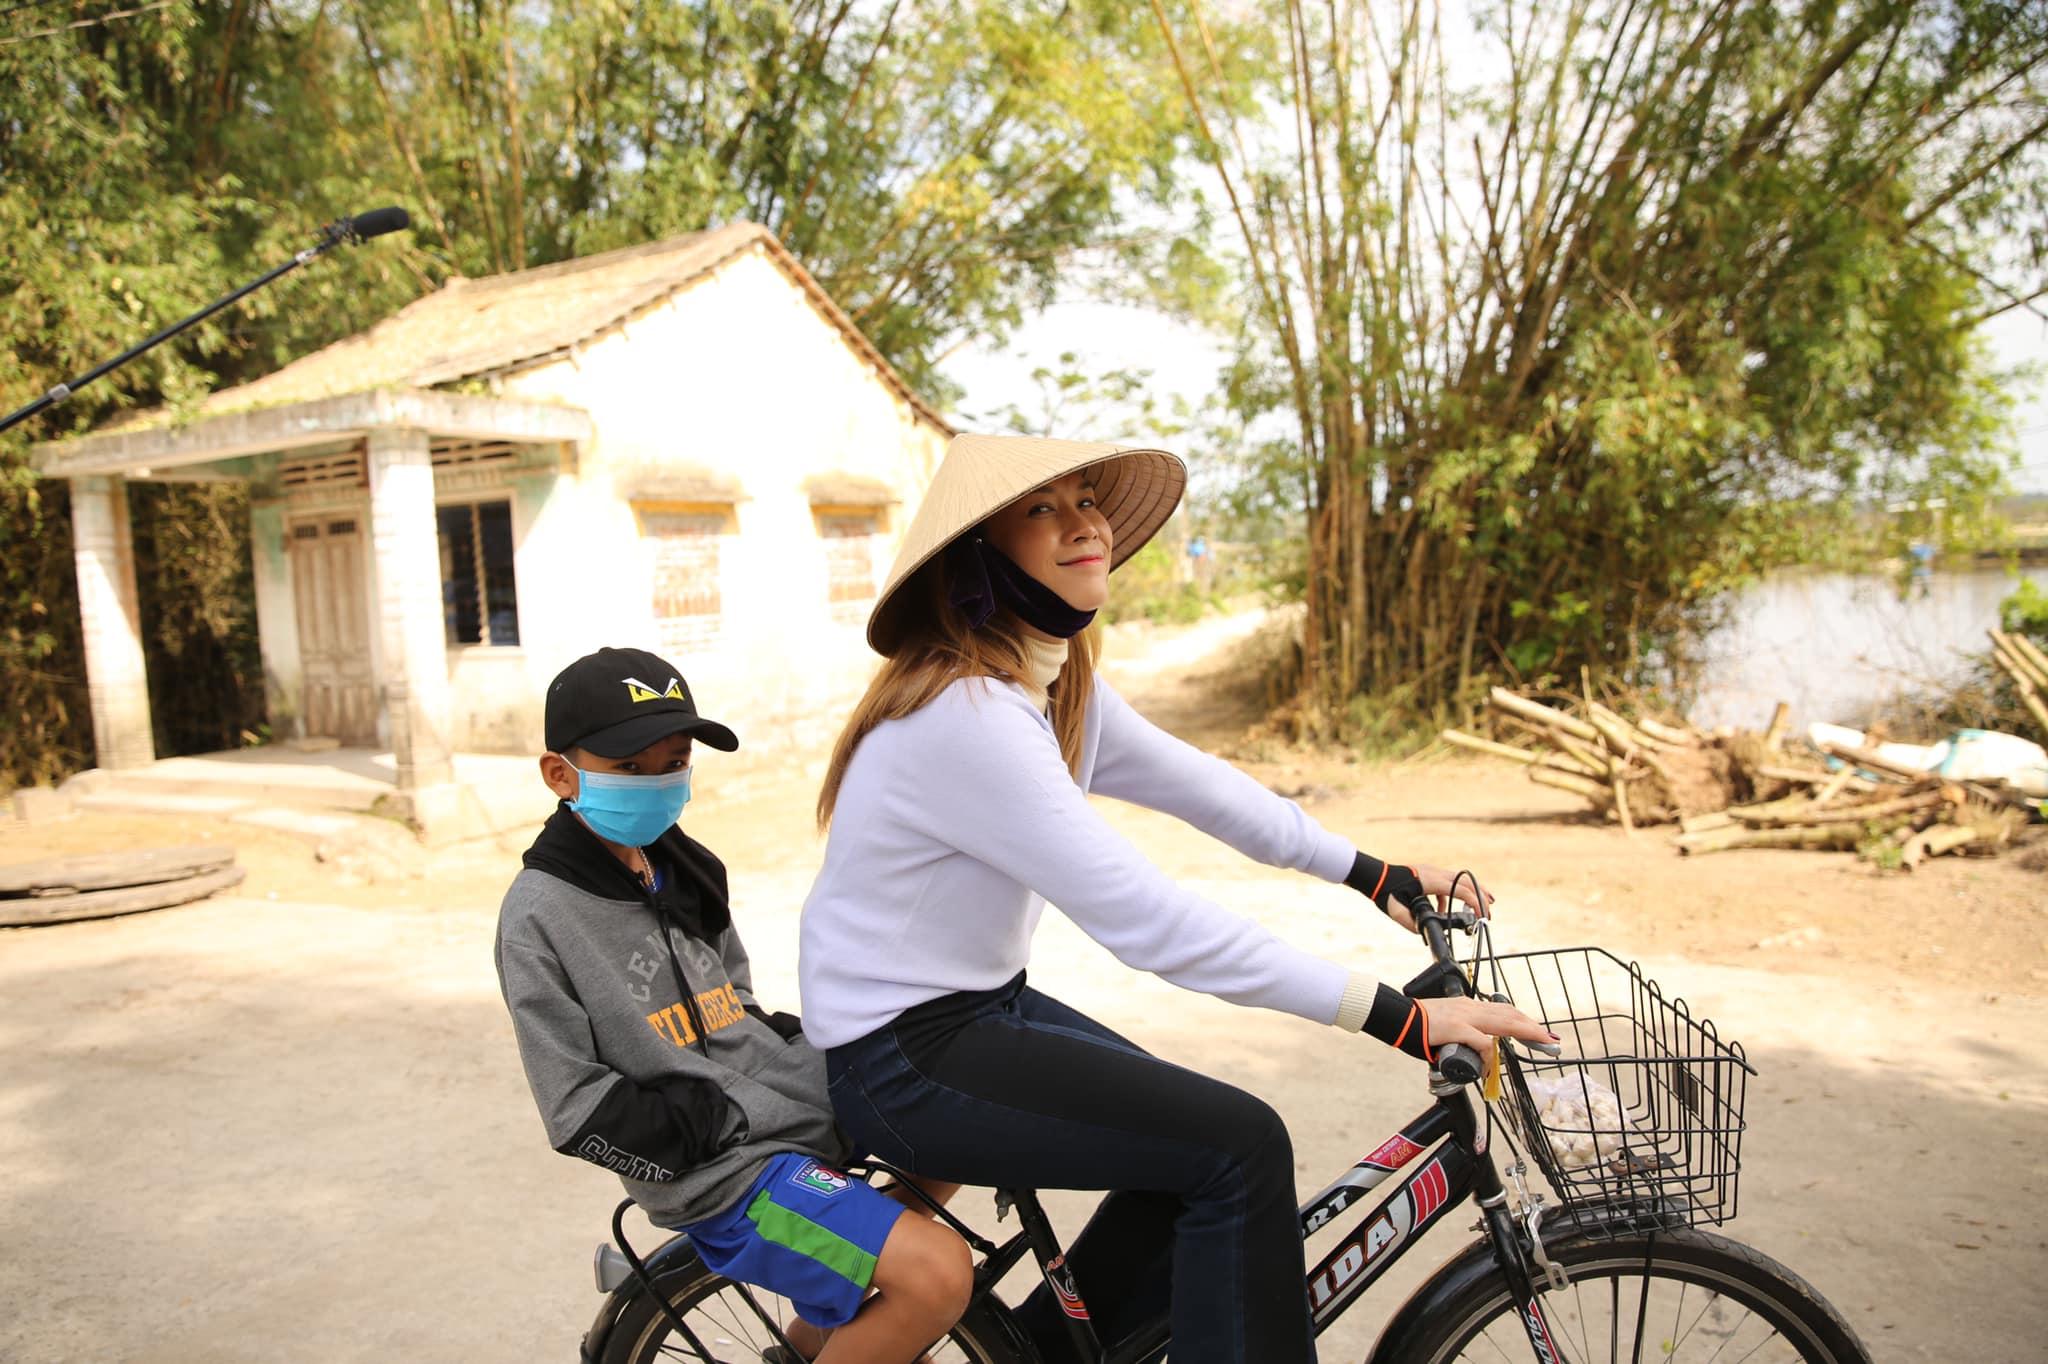 Mỹ Tâm đạp xe dạo chơi ở quê ngoại những ngày giáp Tết.